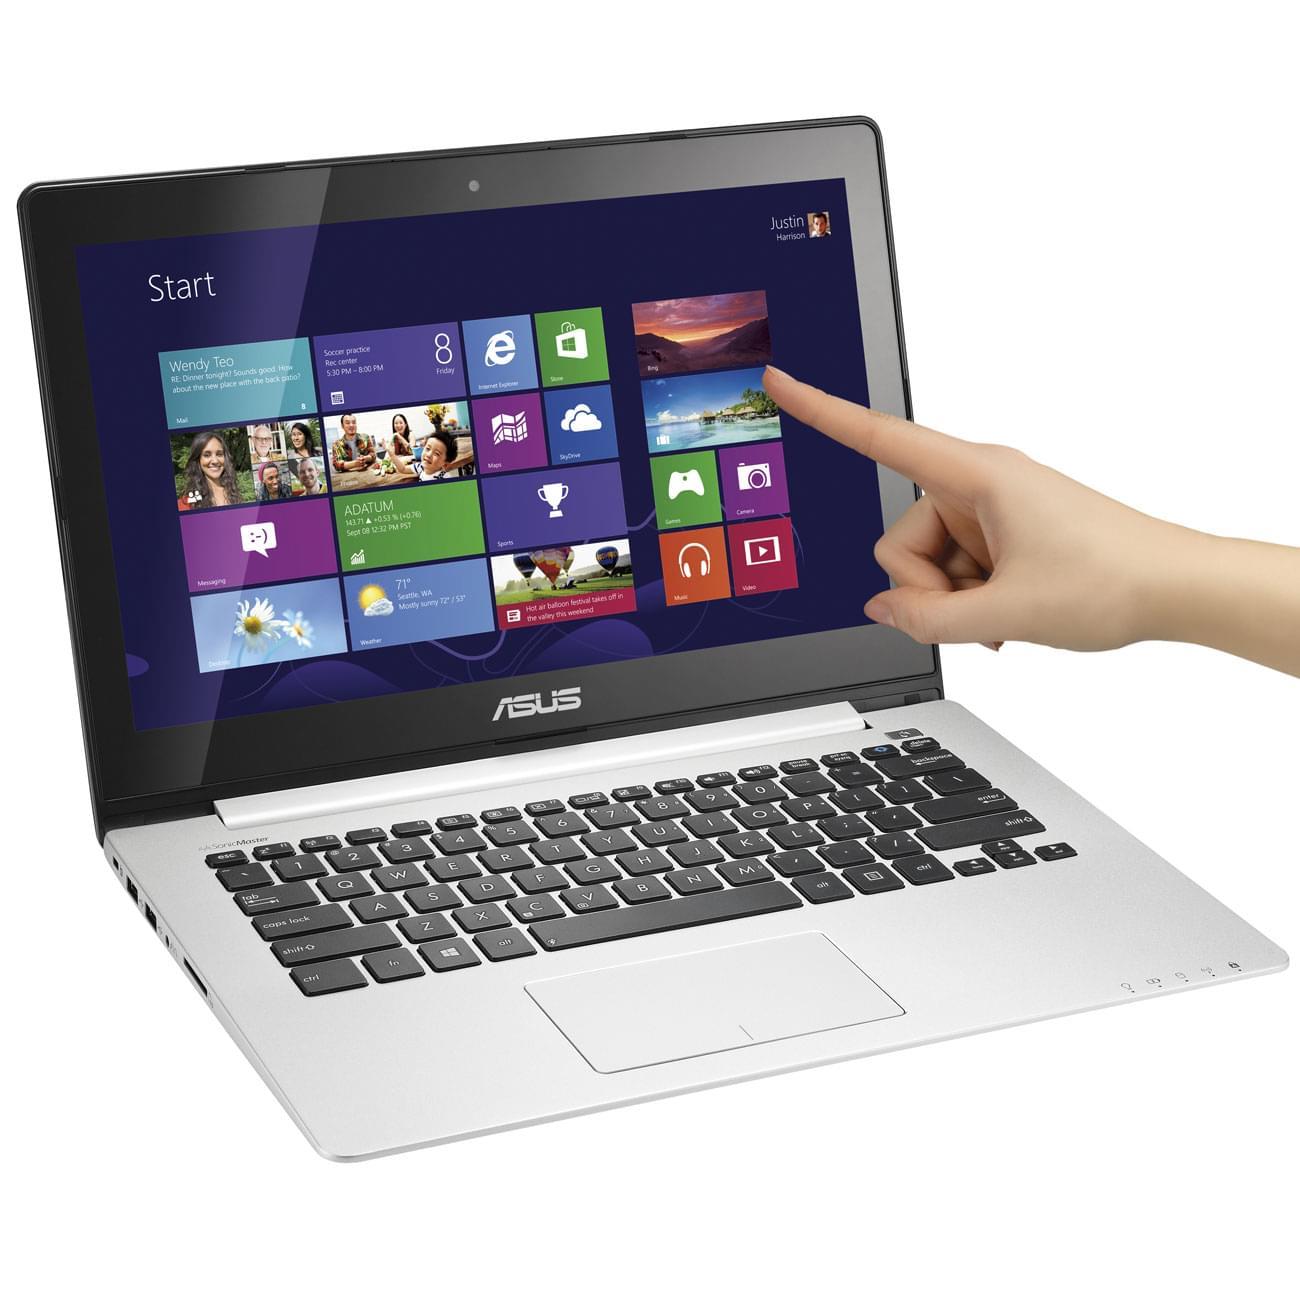 Asus S300CA-C1005H - PC portable Asus - Cybertek.fr - 0